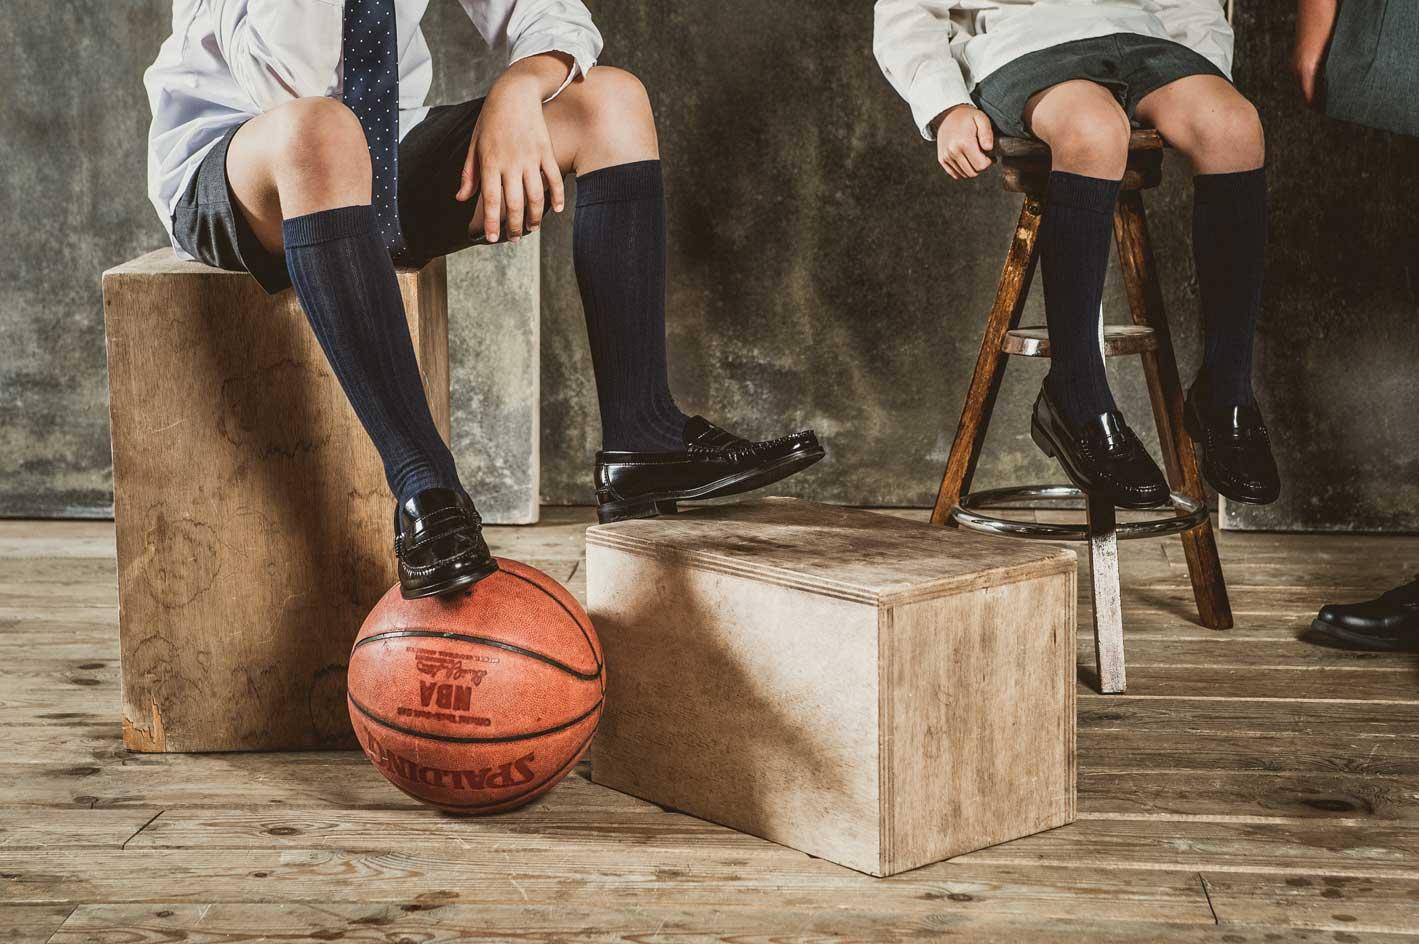 Qual o desporto ou actividade extra curricular melhor para os seus filhos